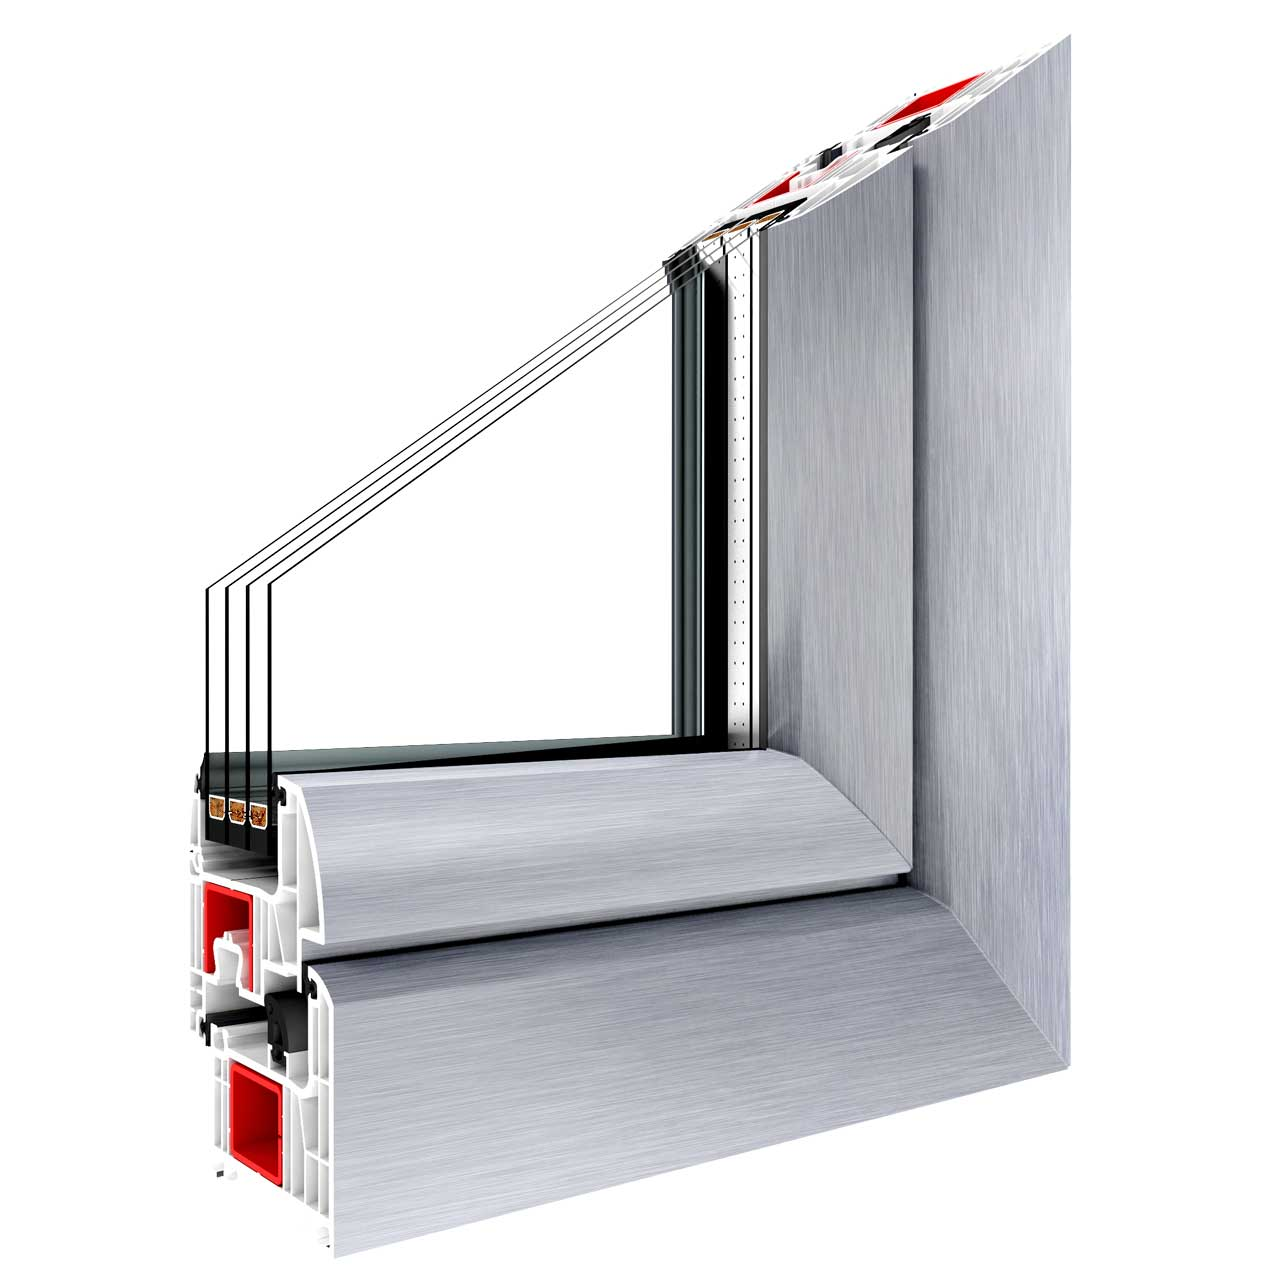 Full Size of Drutex Fenster Iglo 5 Erfahrung Test Kaufen Einbauen Lassen Erfahrungen Aus Polen Bewertung Erfahrungsberichte Holz Alu Aluminium Einstellen Testbericht Folie Fenster Drutex Fenster